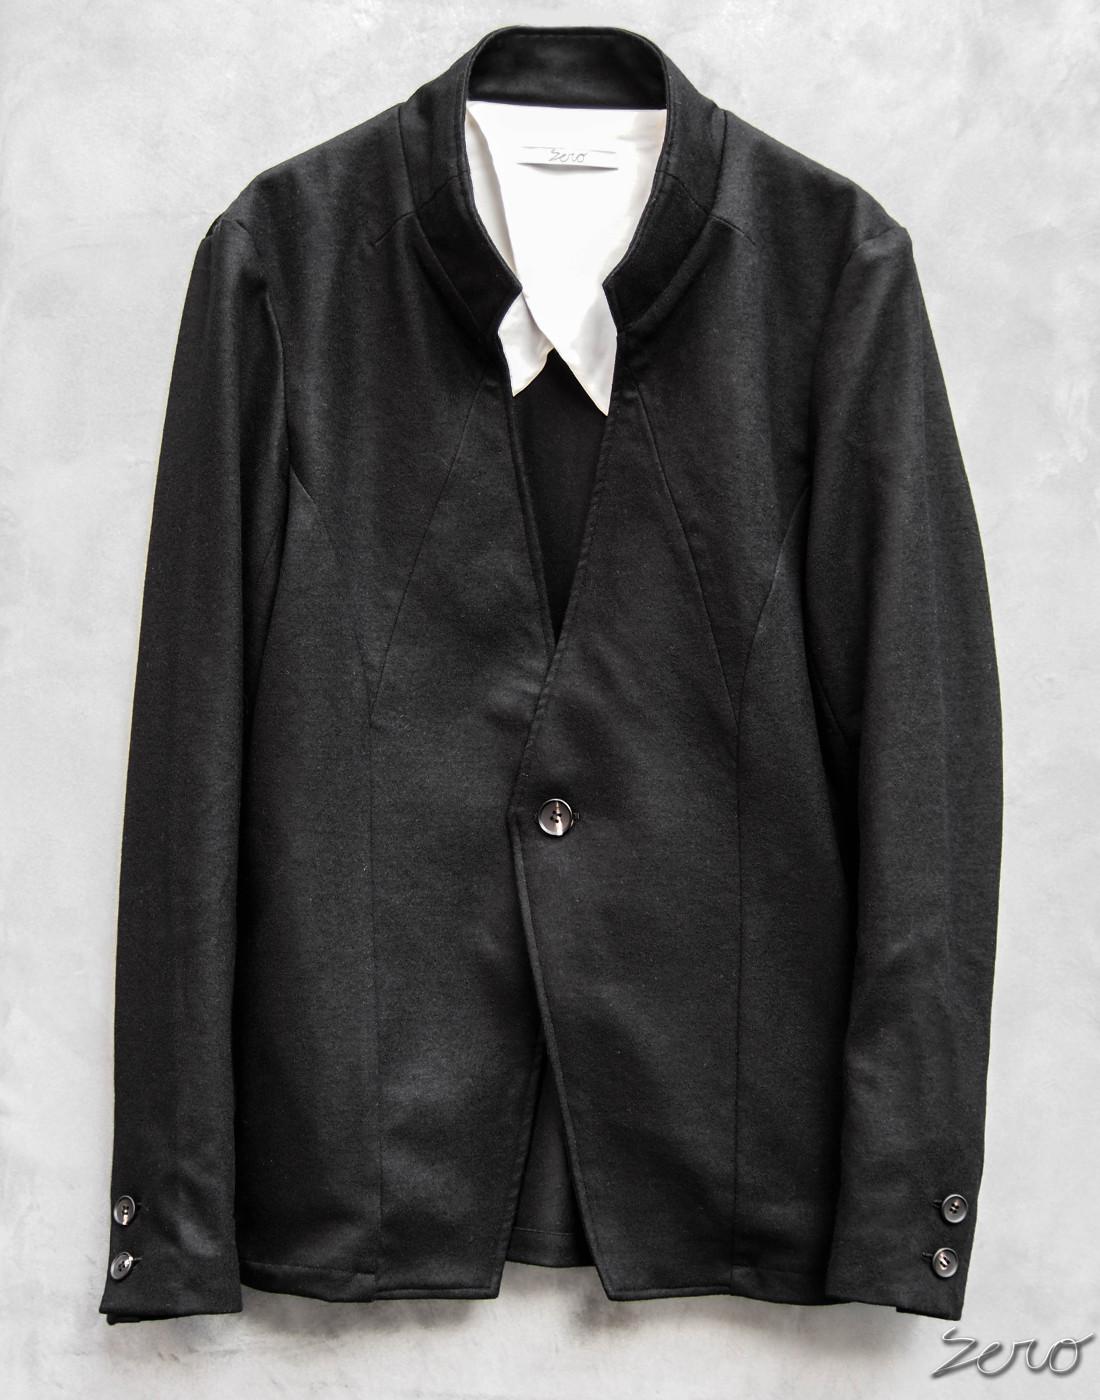 ワンボタンジャケット黒×白.jpg